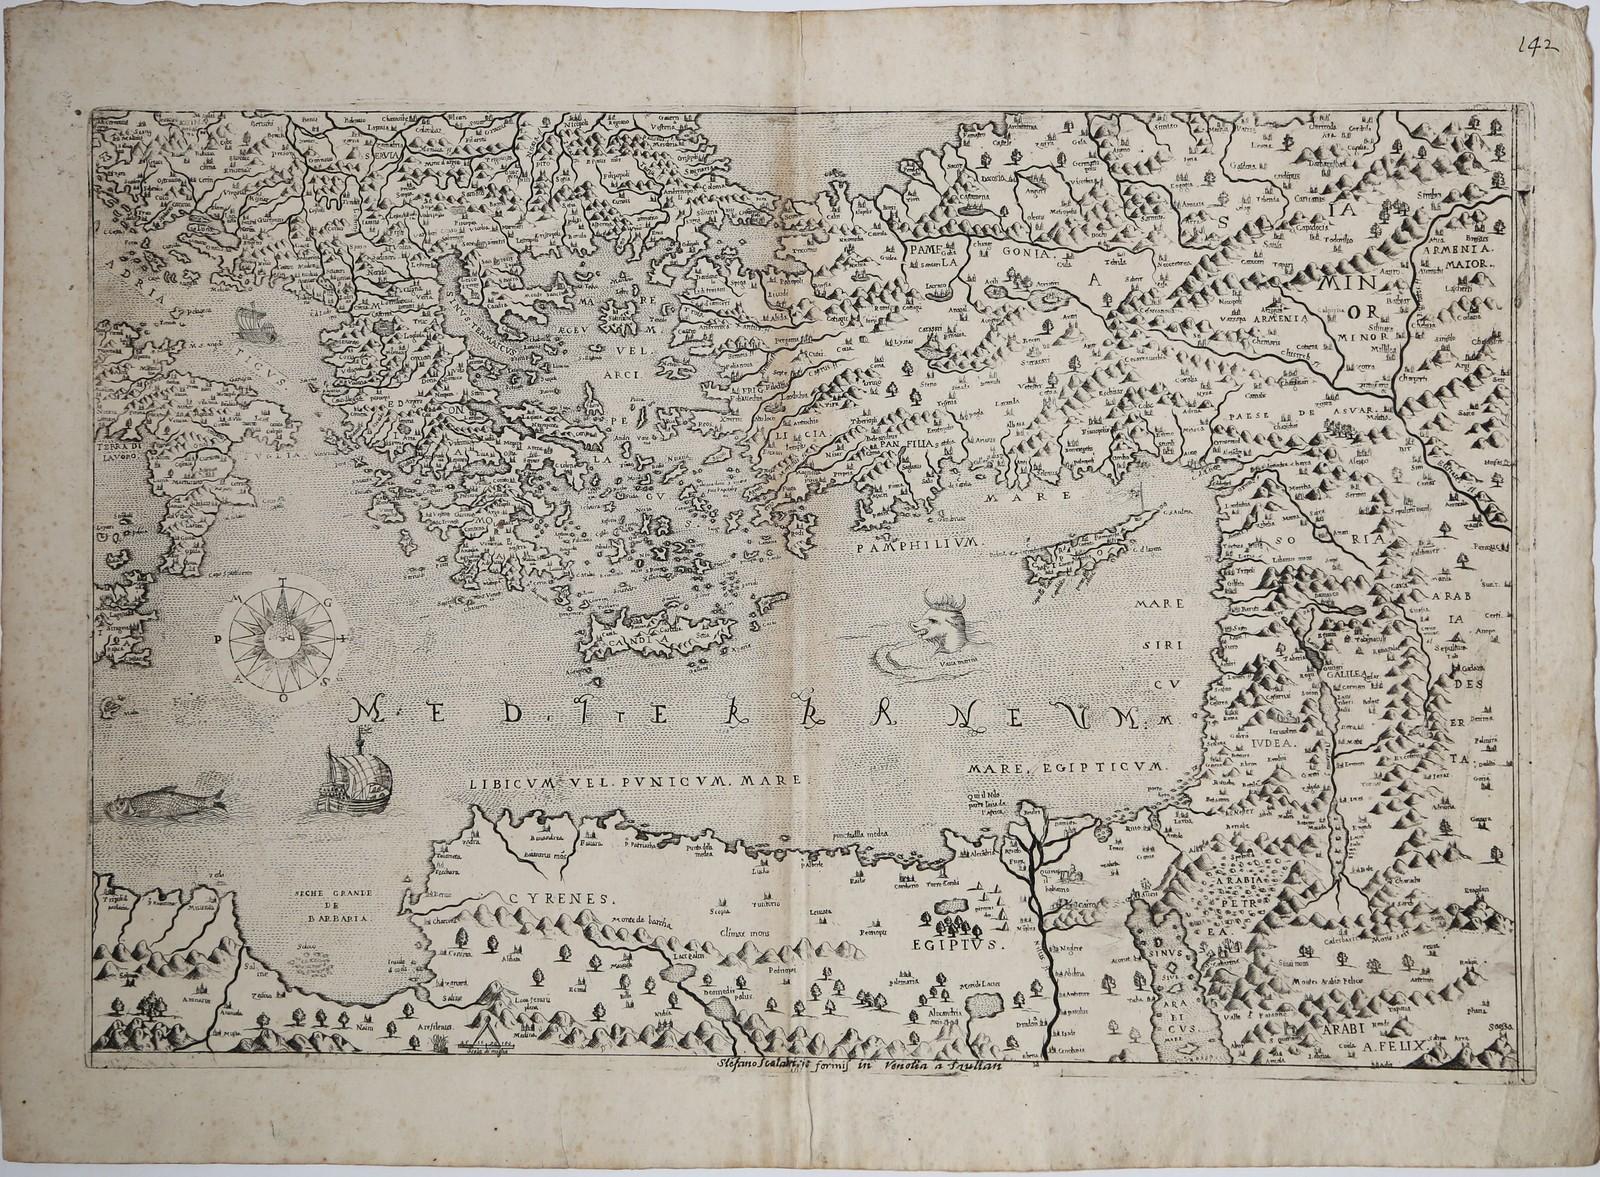 Редкая школьная карта Лафрери Восточного Средиземноморья и его окрестностей